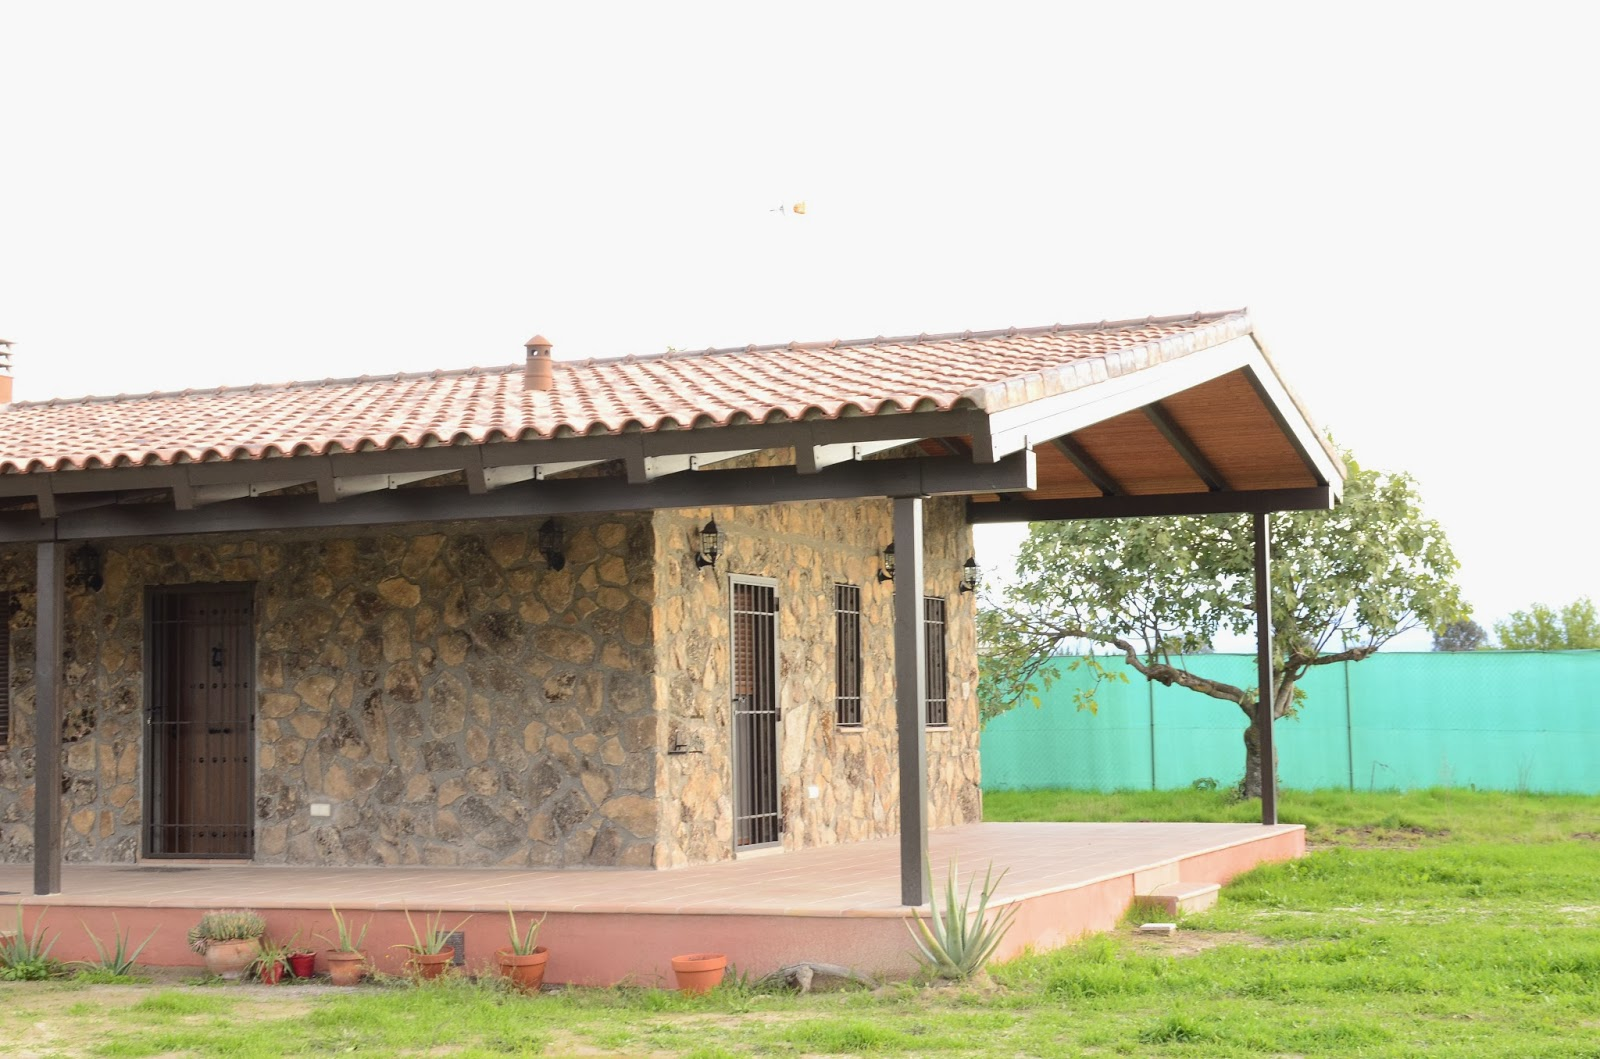 Solicitanos cat logo de casas prefabricadas en rustico o moderno asi como informaci m de las - Casas prefabricadas guadalajara ...